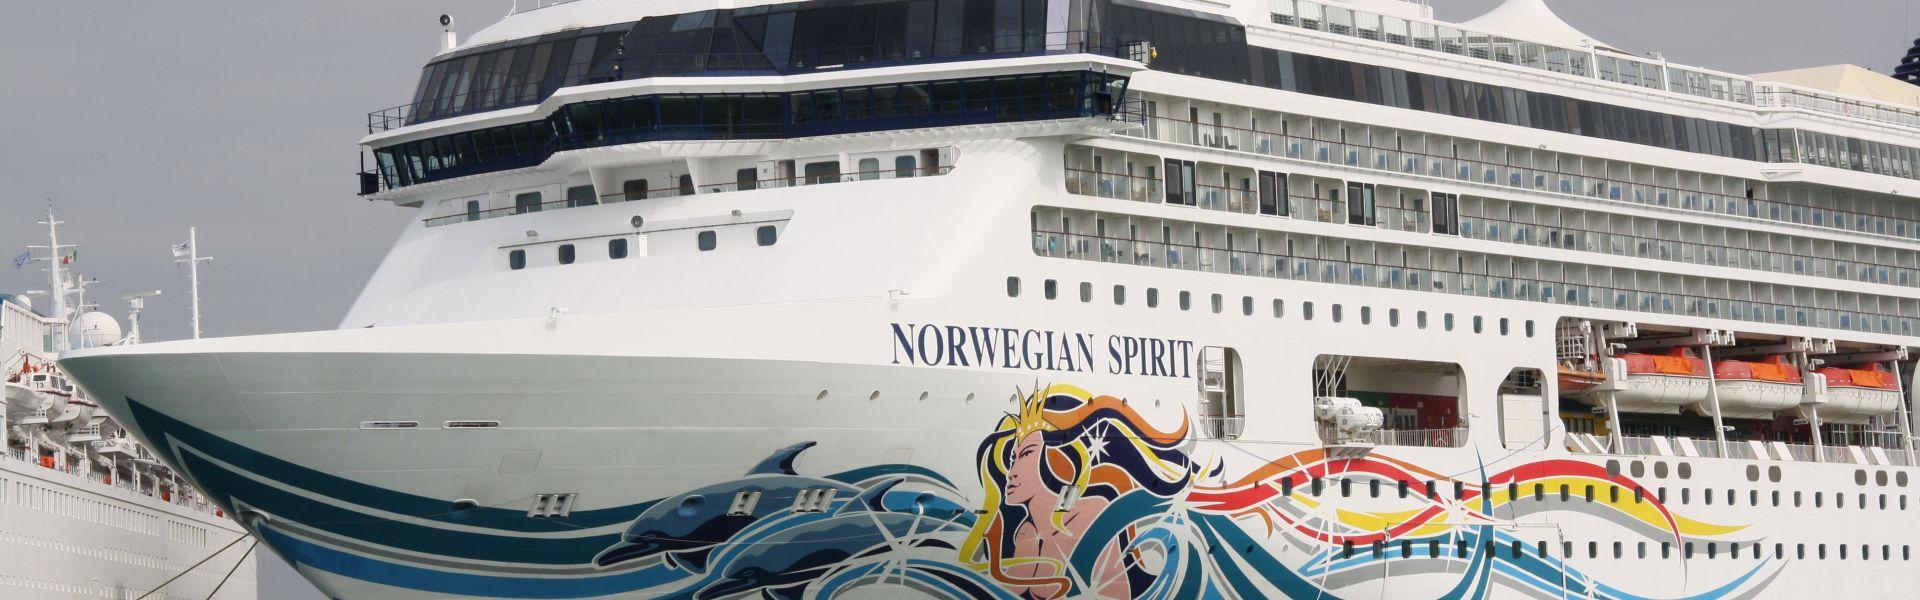 Croaziera 2018 - Insulele Canare (Barcelona) - Norwegian Cruise Line - Norwegian Spirit - 10 nopti